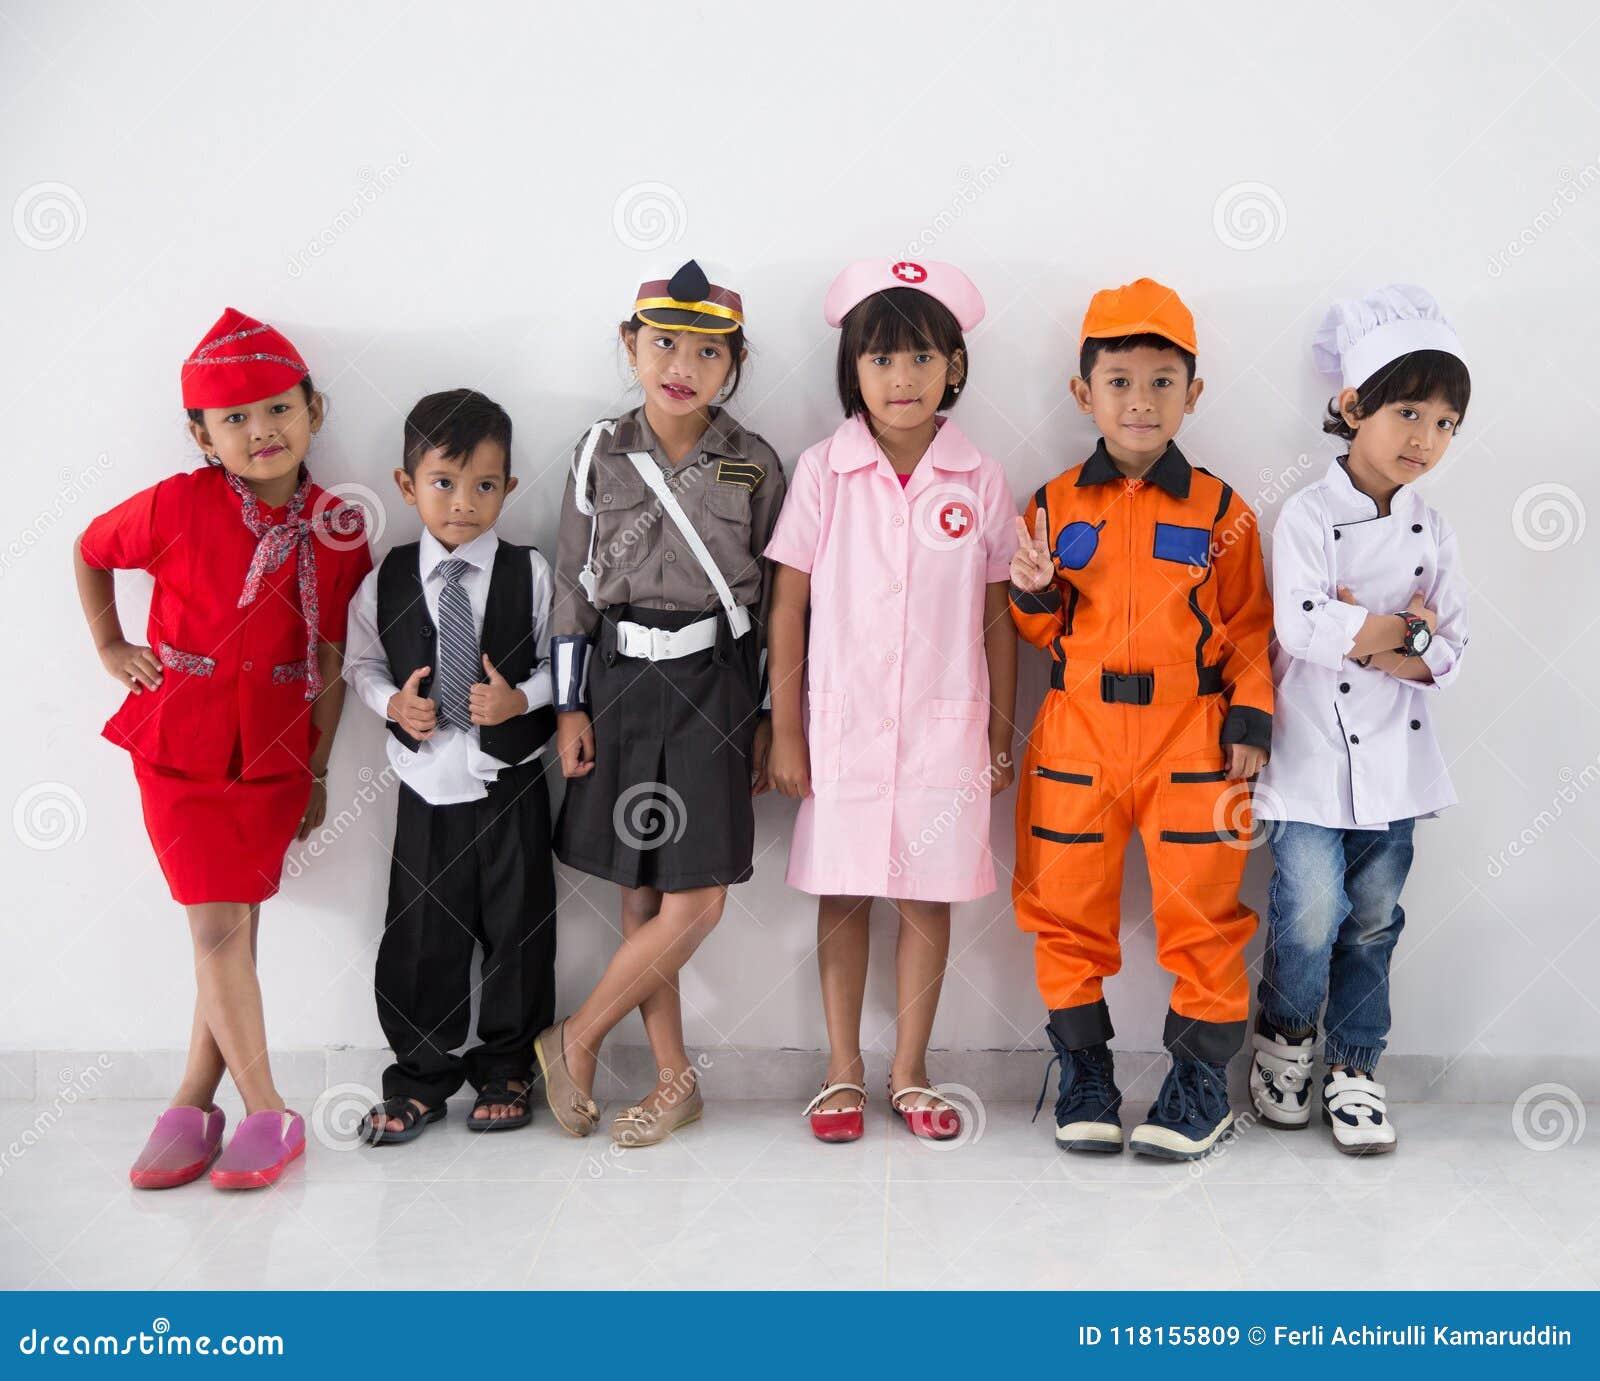 Niños Vestidos En Los Trajes De Diversas Profesiones Imagen De Archivo